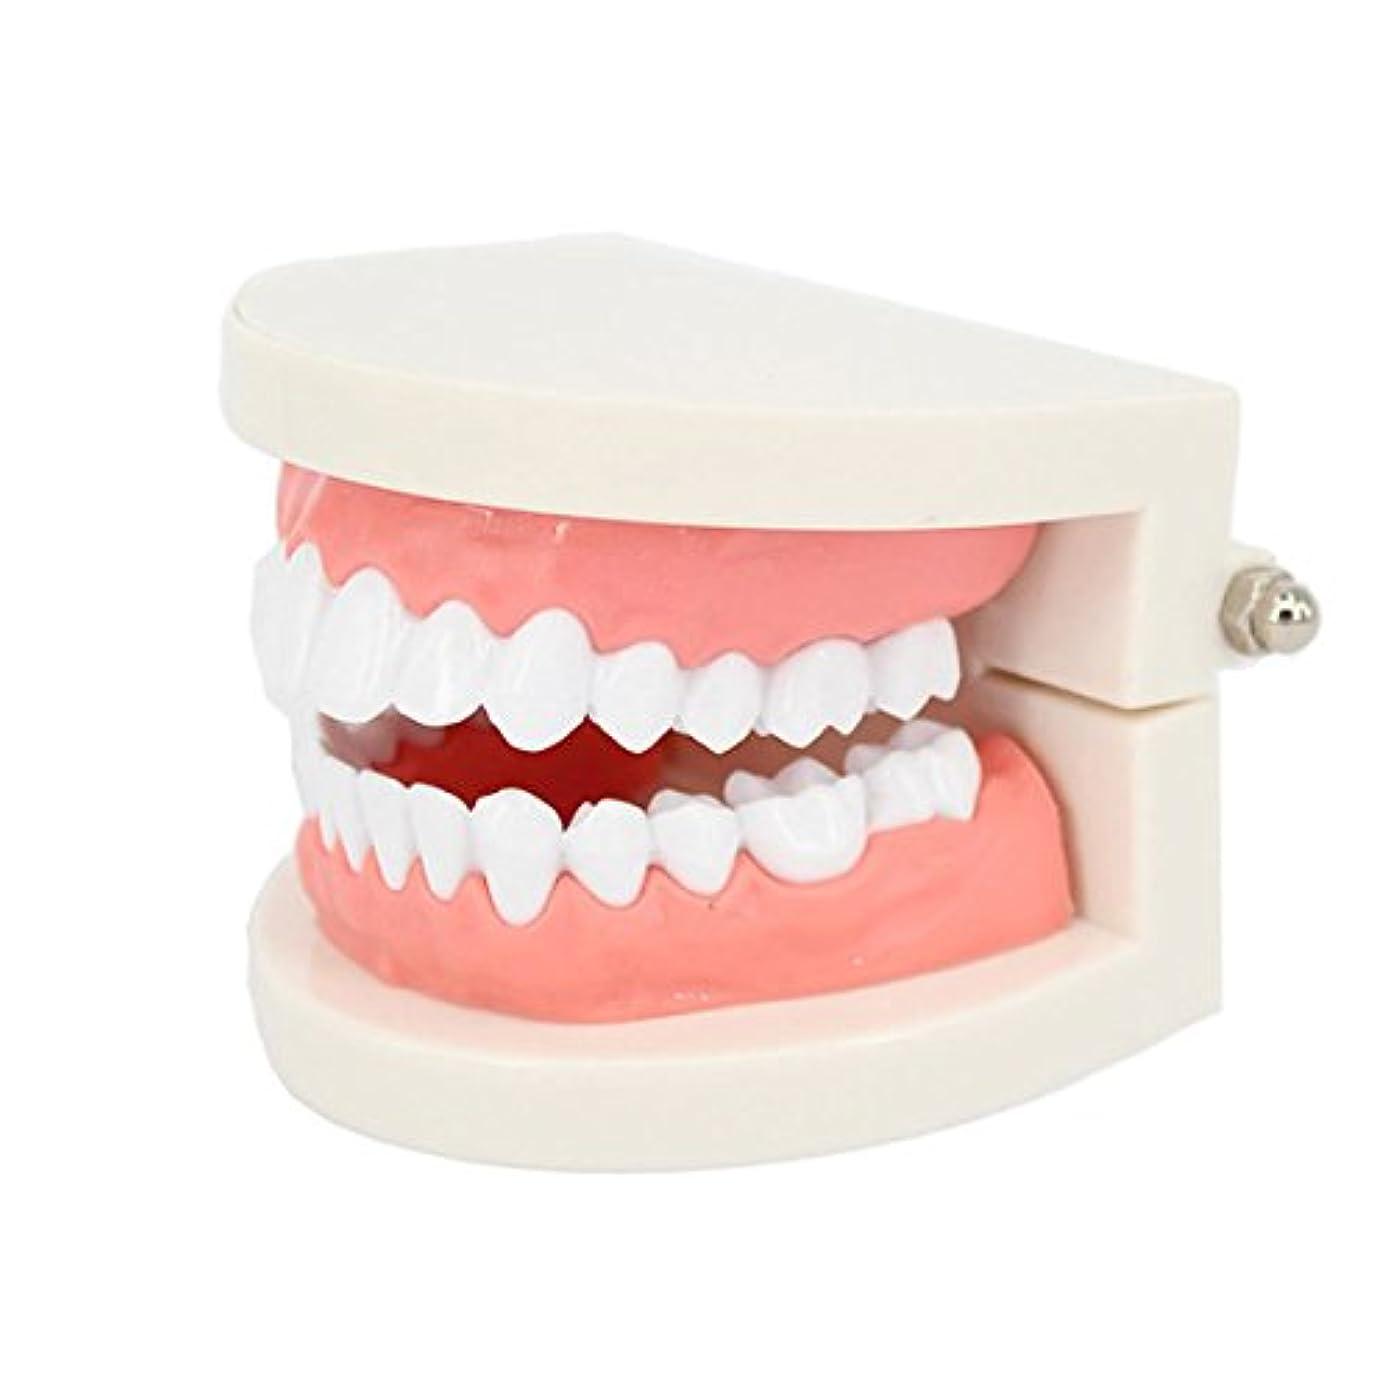 サンダー降雨意図ROSENICE 歯科医 歯列模型 歯は着脱可能 指導用模型